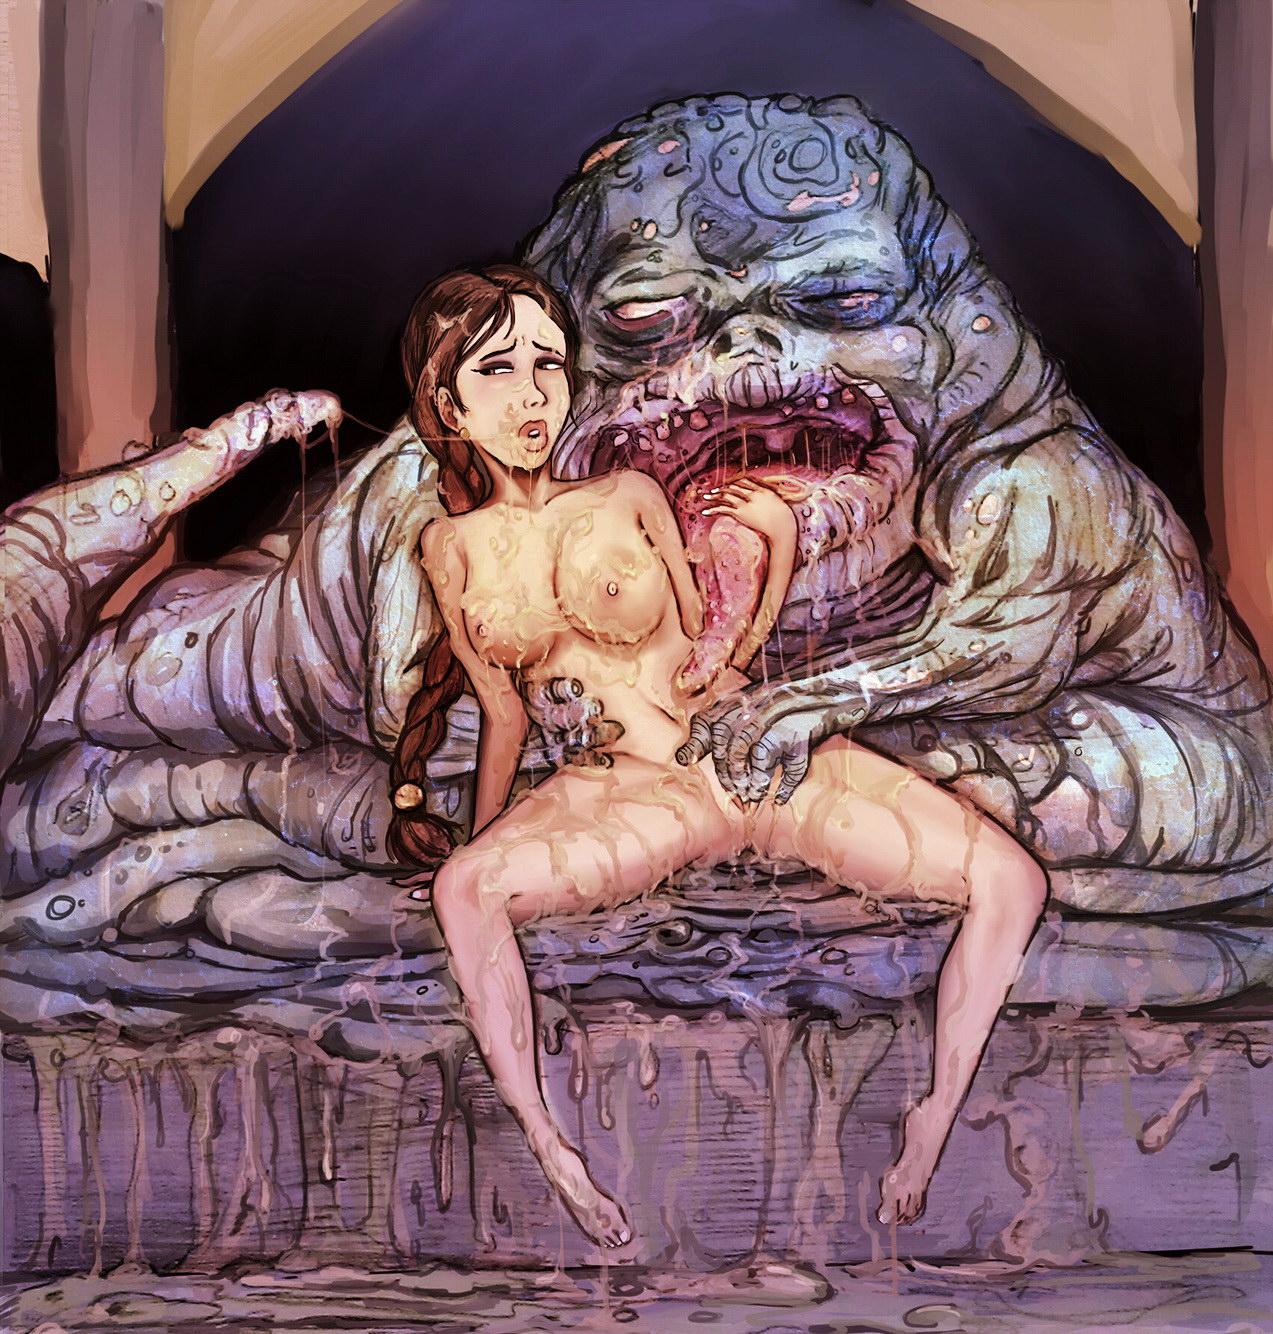 Hot naked girls pooping